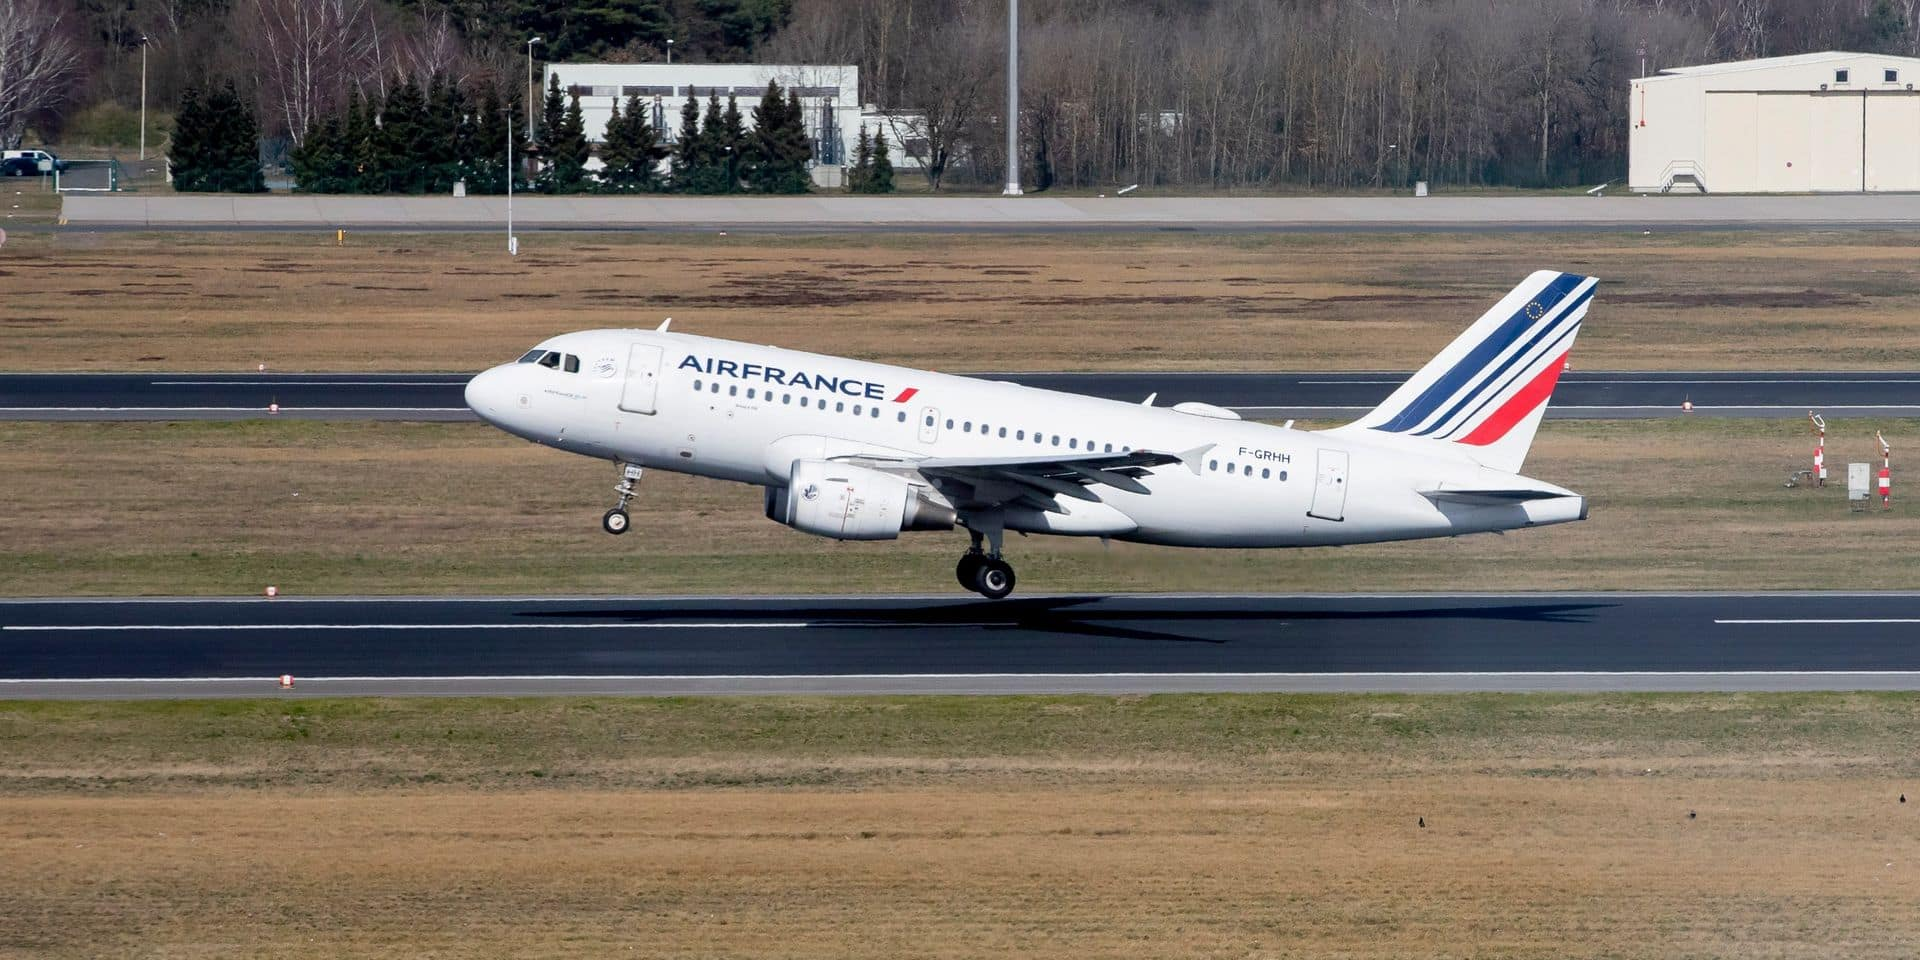 Un bonus de 2 millions pour le patron d'Air France-KLM malgré les pertes et... les aides publiques